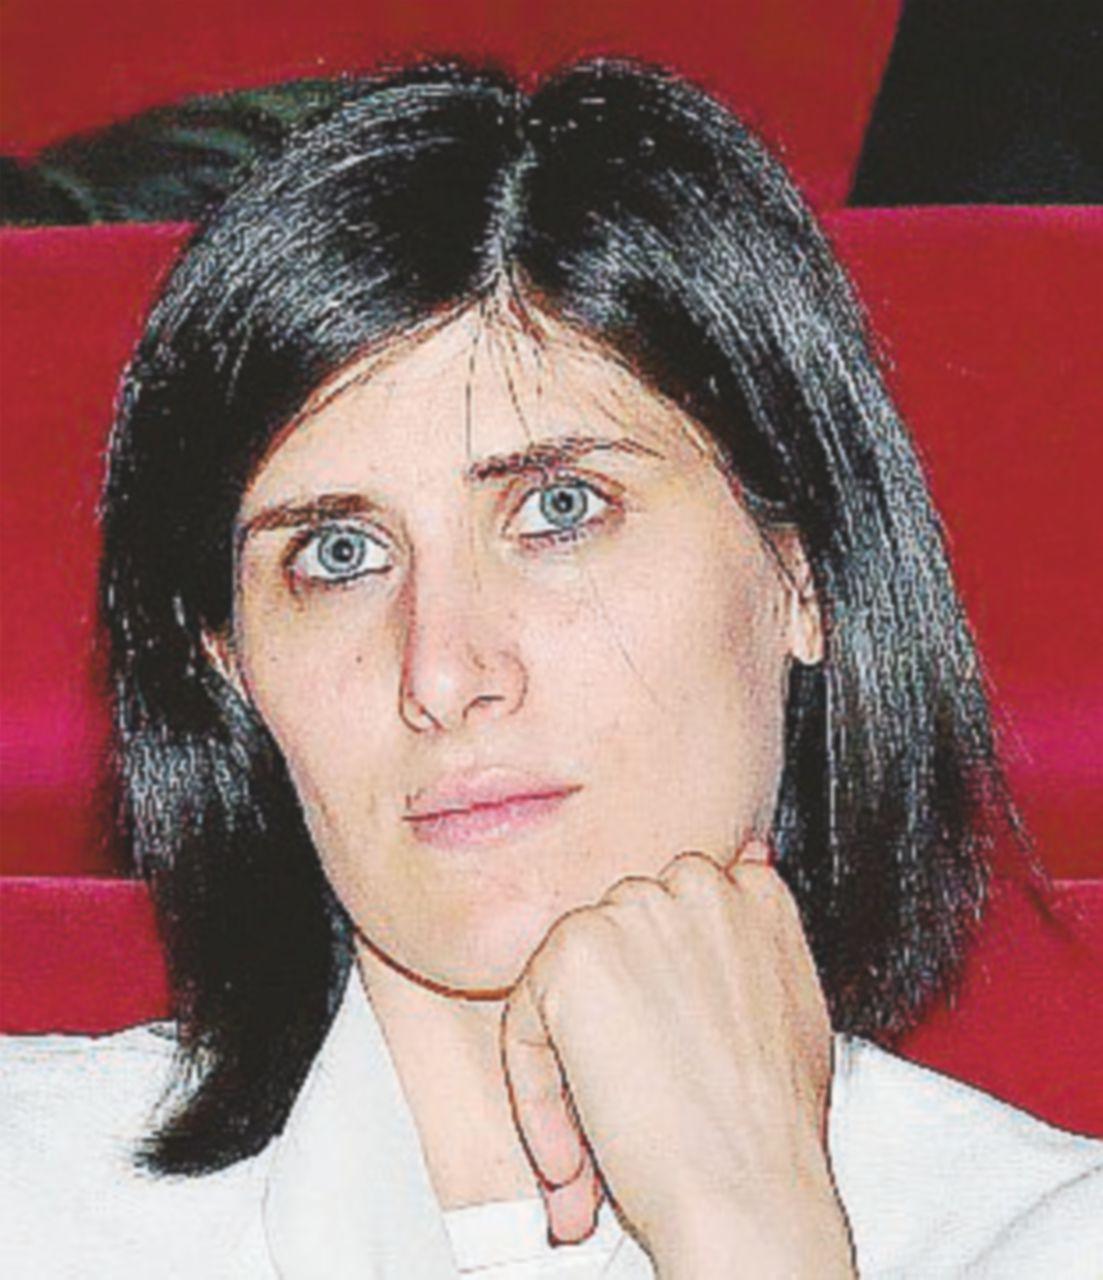 Tutti contro Appendino: l'opposizione manda il suo bilancio davanti ai giudici